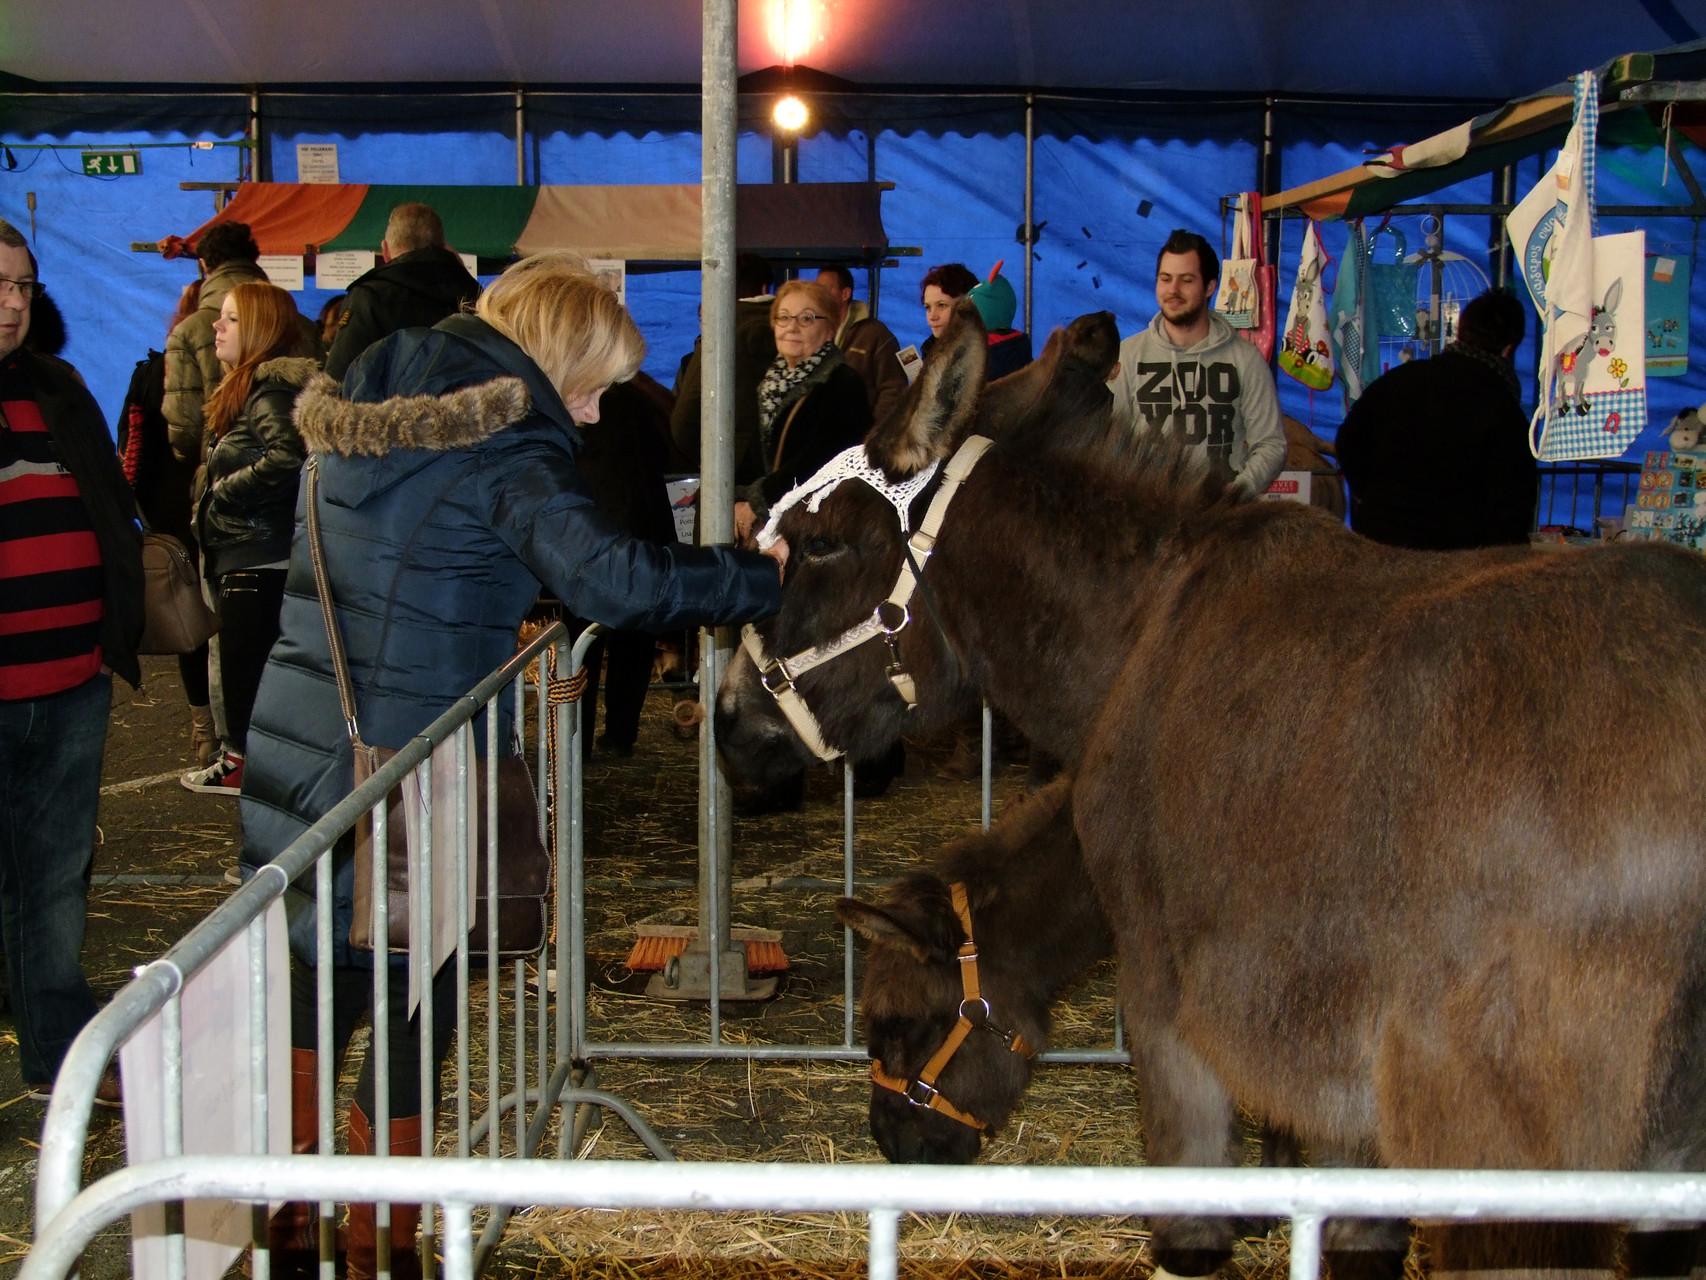 Besucher freuen sich über die Esel